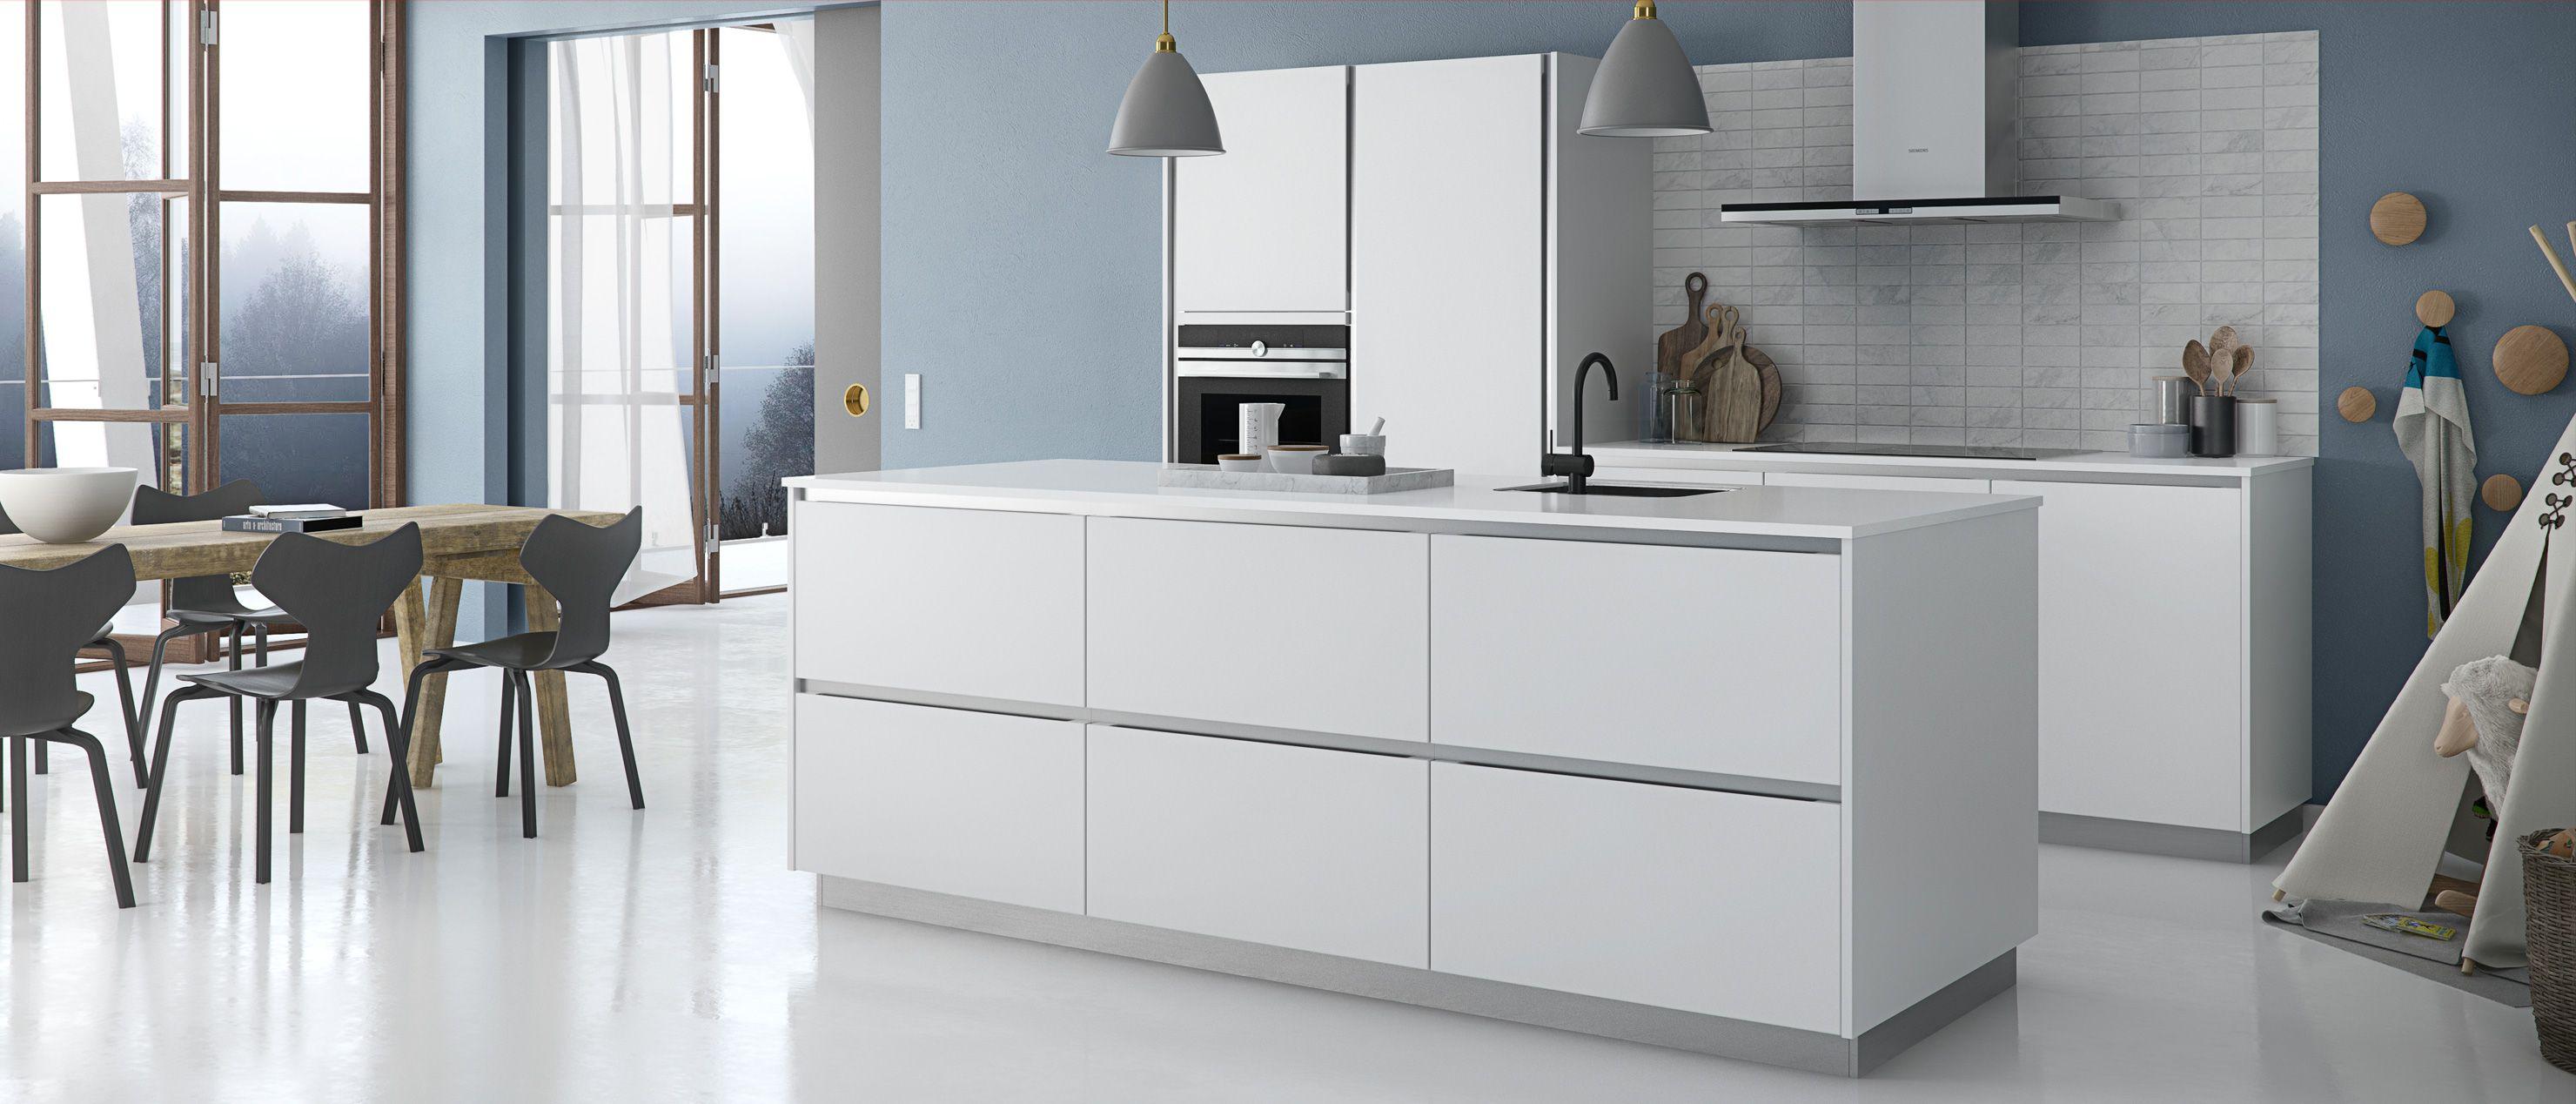 Cr ez un style simple et minimaliste avec une cuisine for Cuisine conviviale